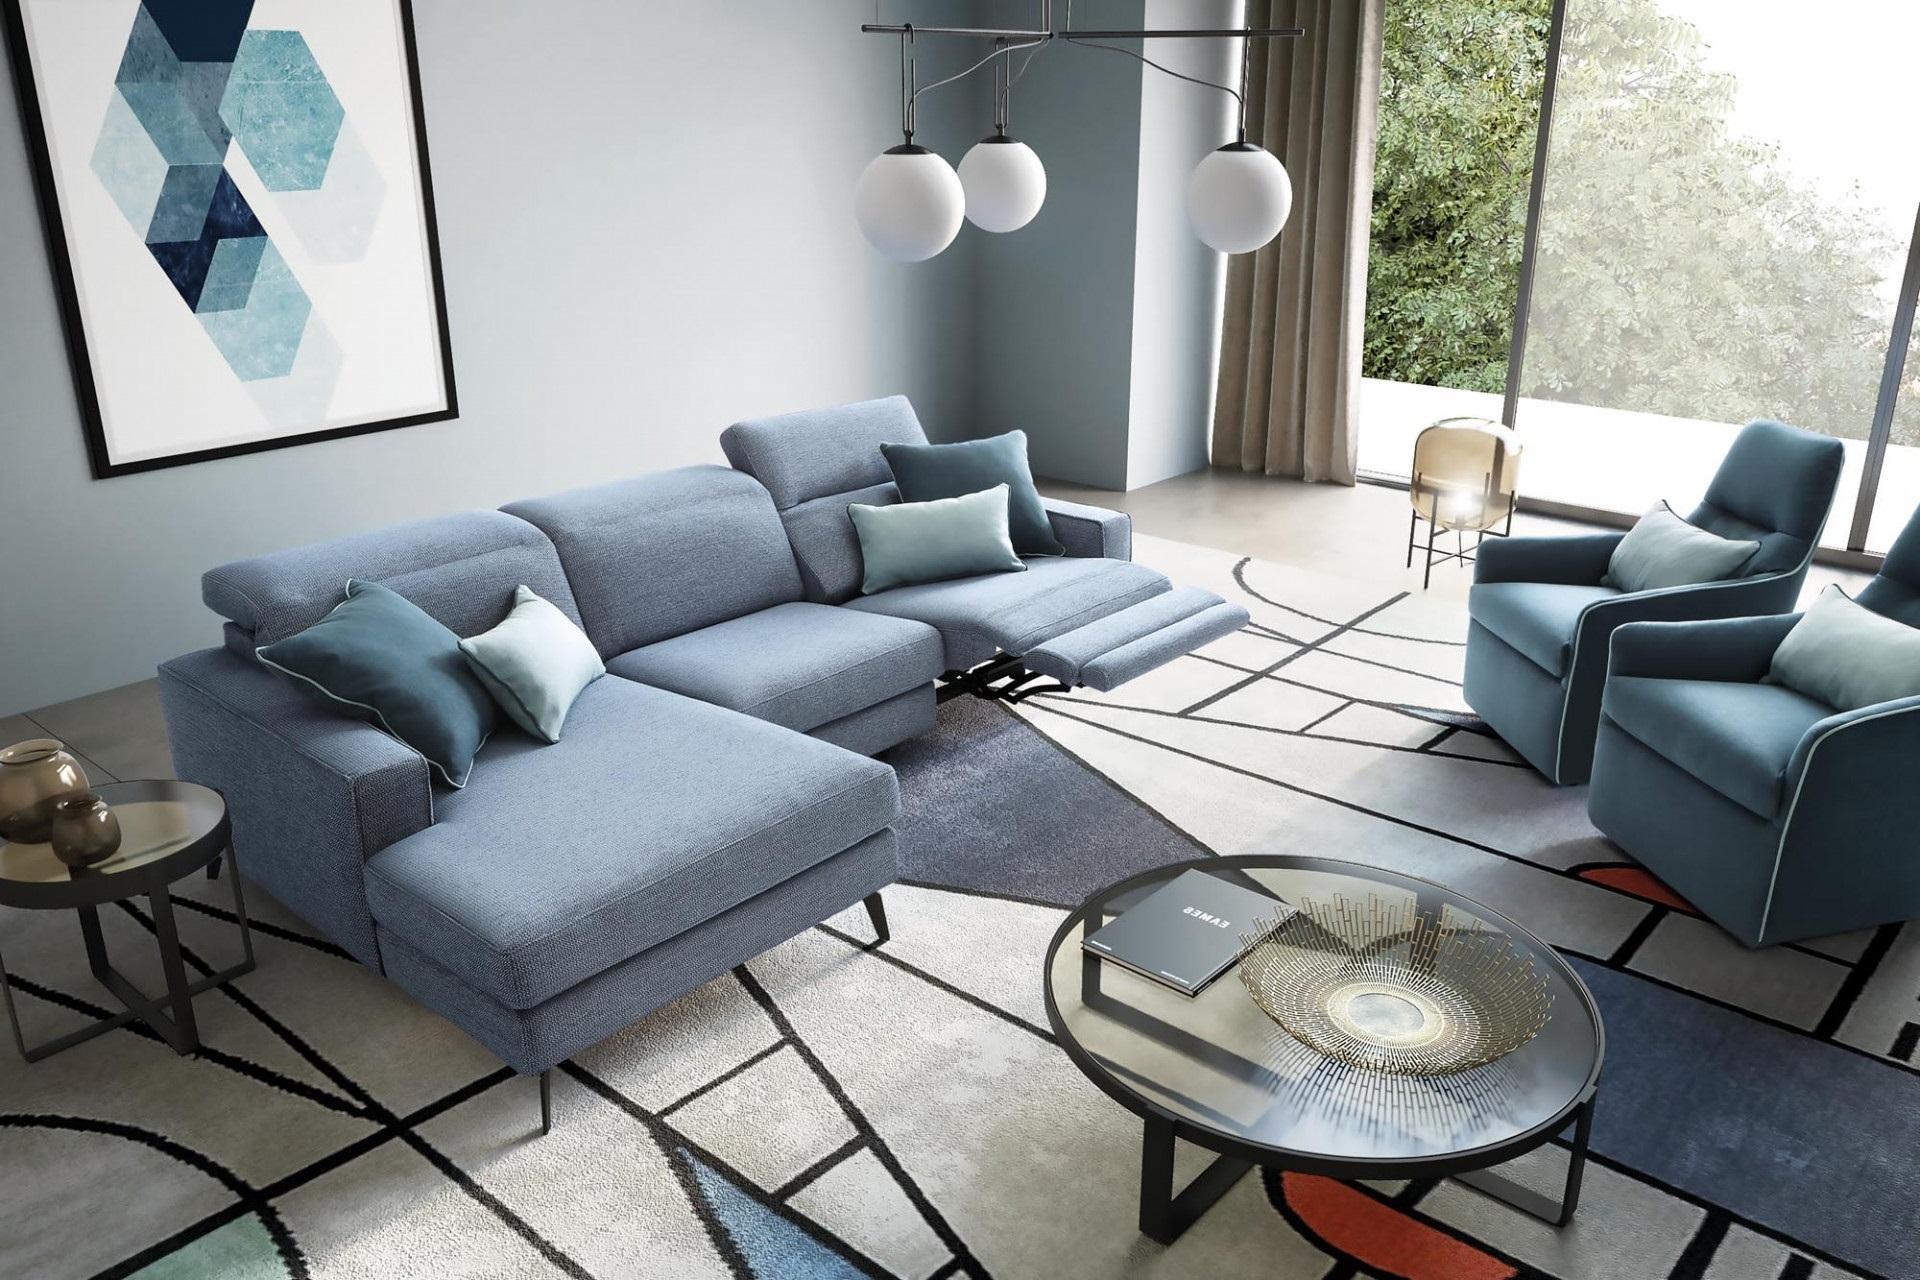 Coltar fix cu mecanism Relax, cu sezlong pe stanga, tapitat cu stofa, Christopher Albastru, l275xA158xH78 cm